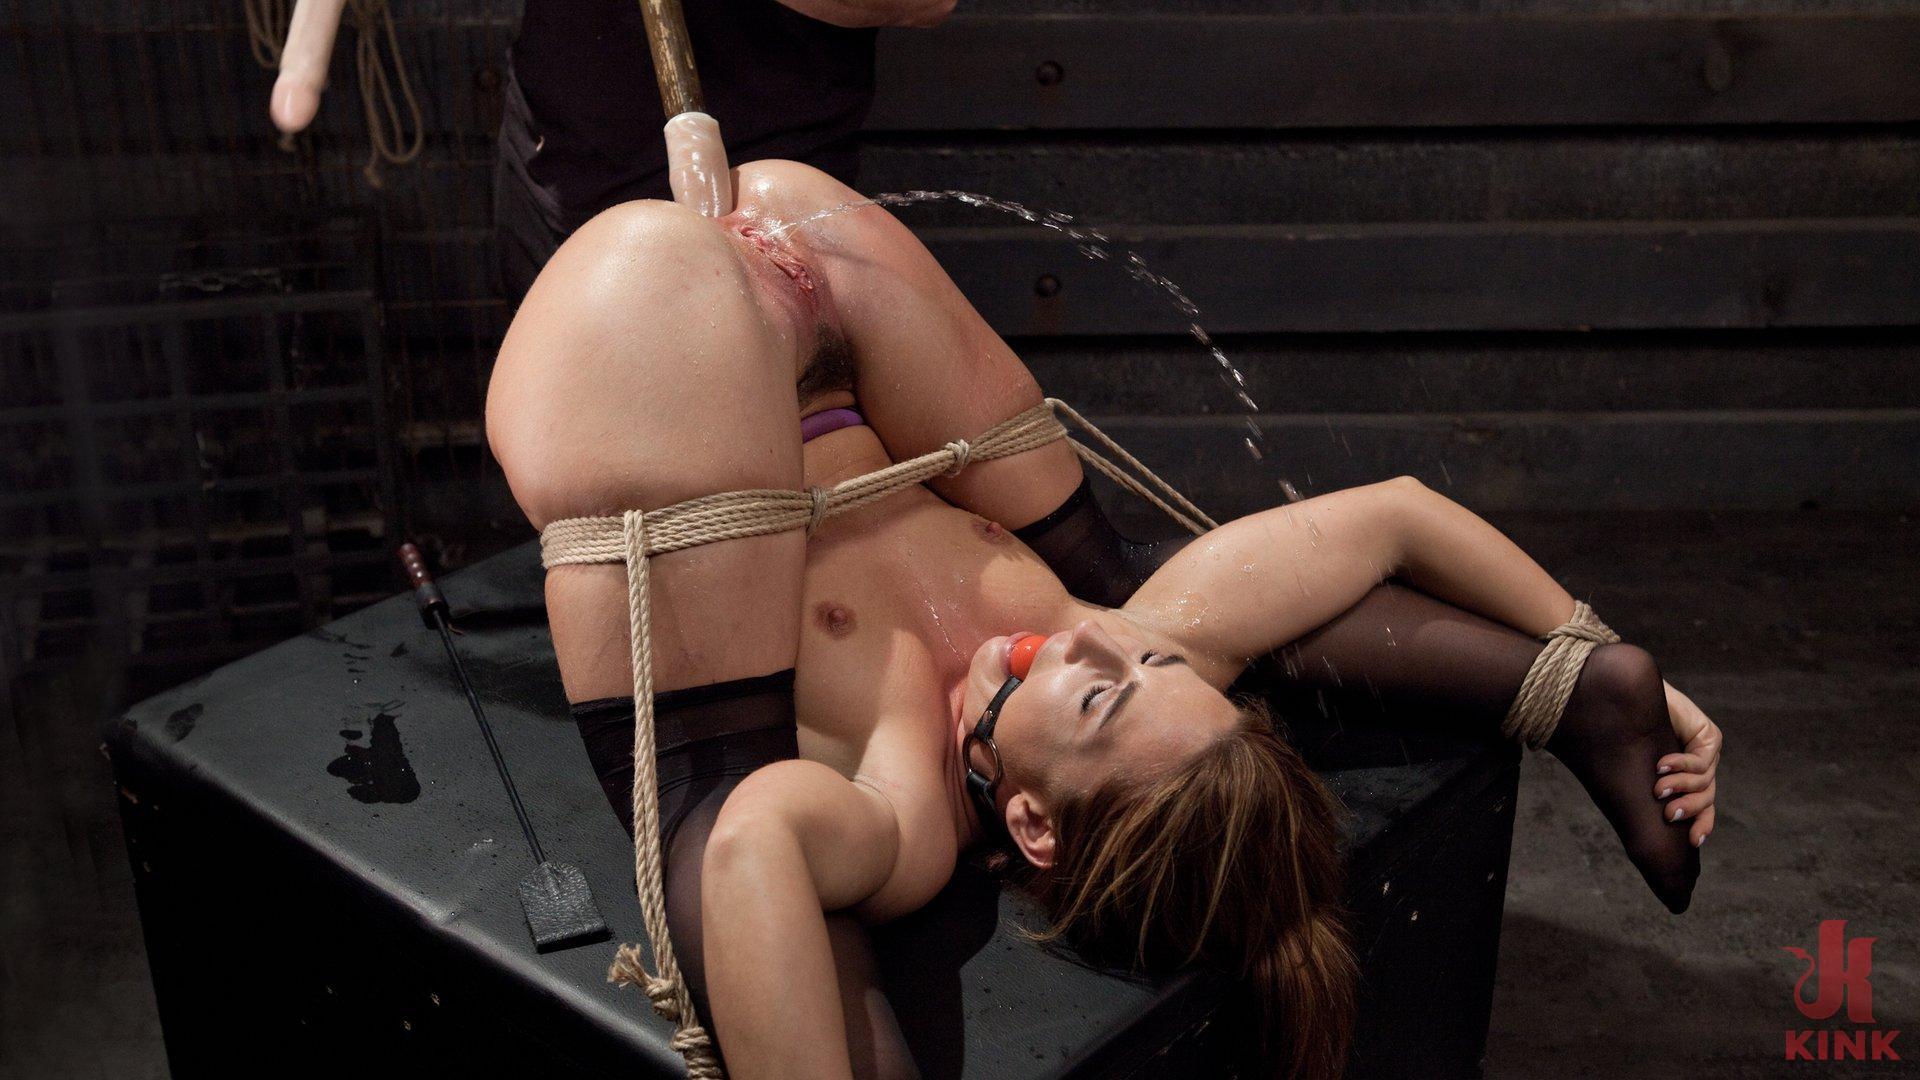 Apologise, Hardcore kinky bondage sex For long